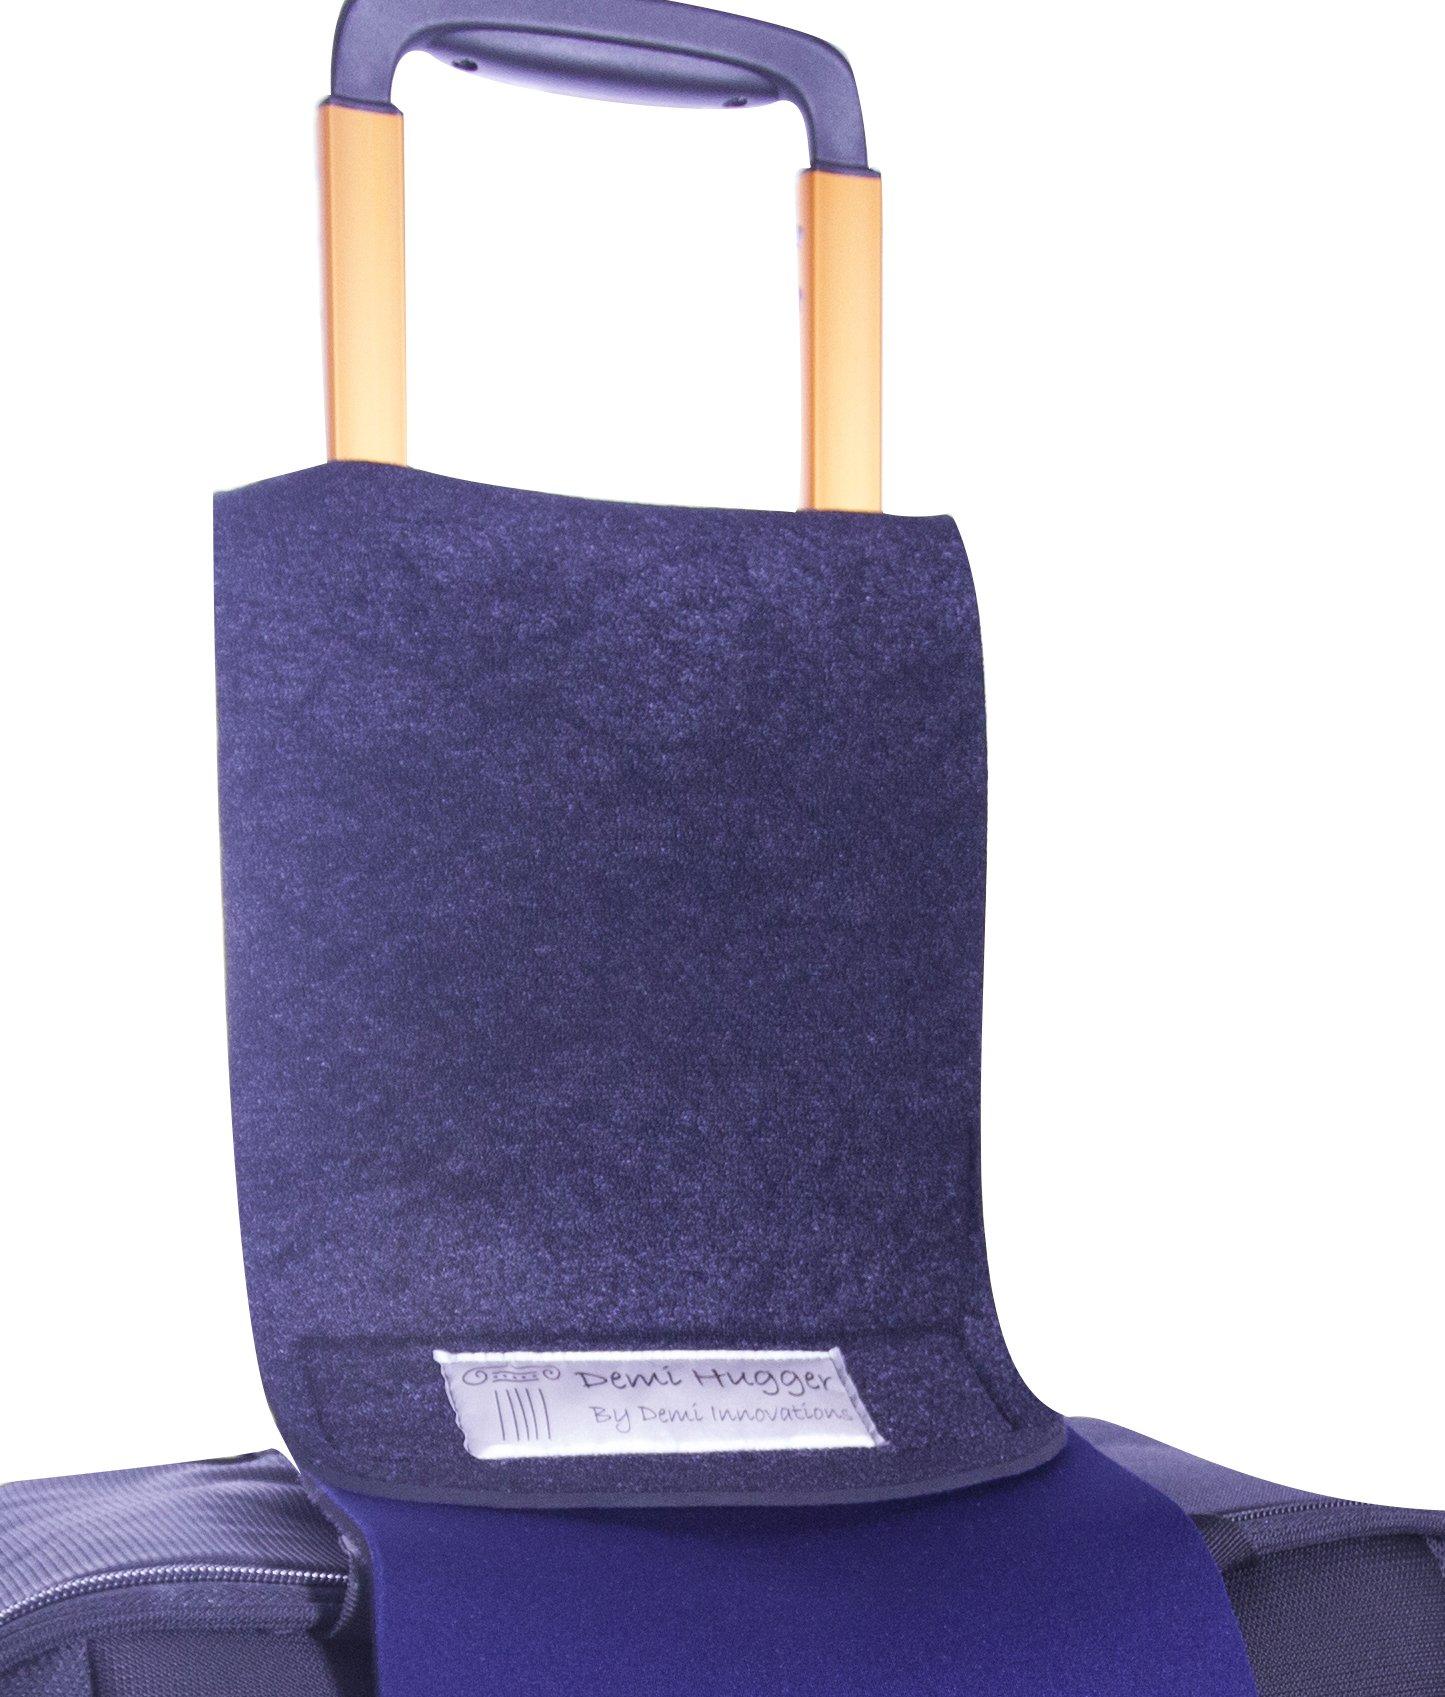 Demi Hugger Luggage Strap Makes Travel Easier